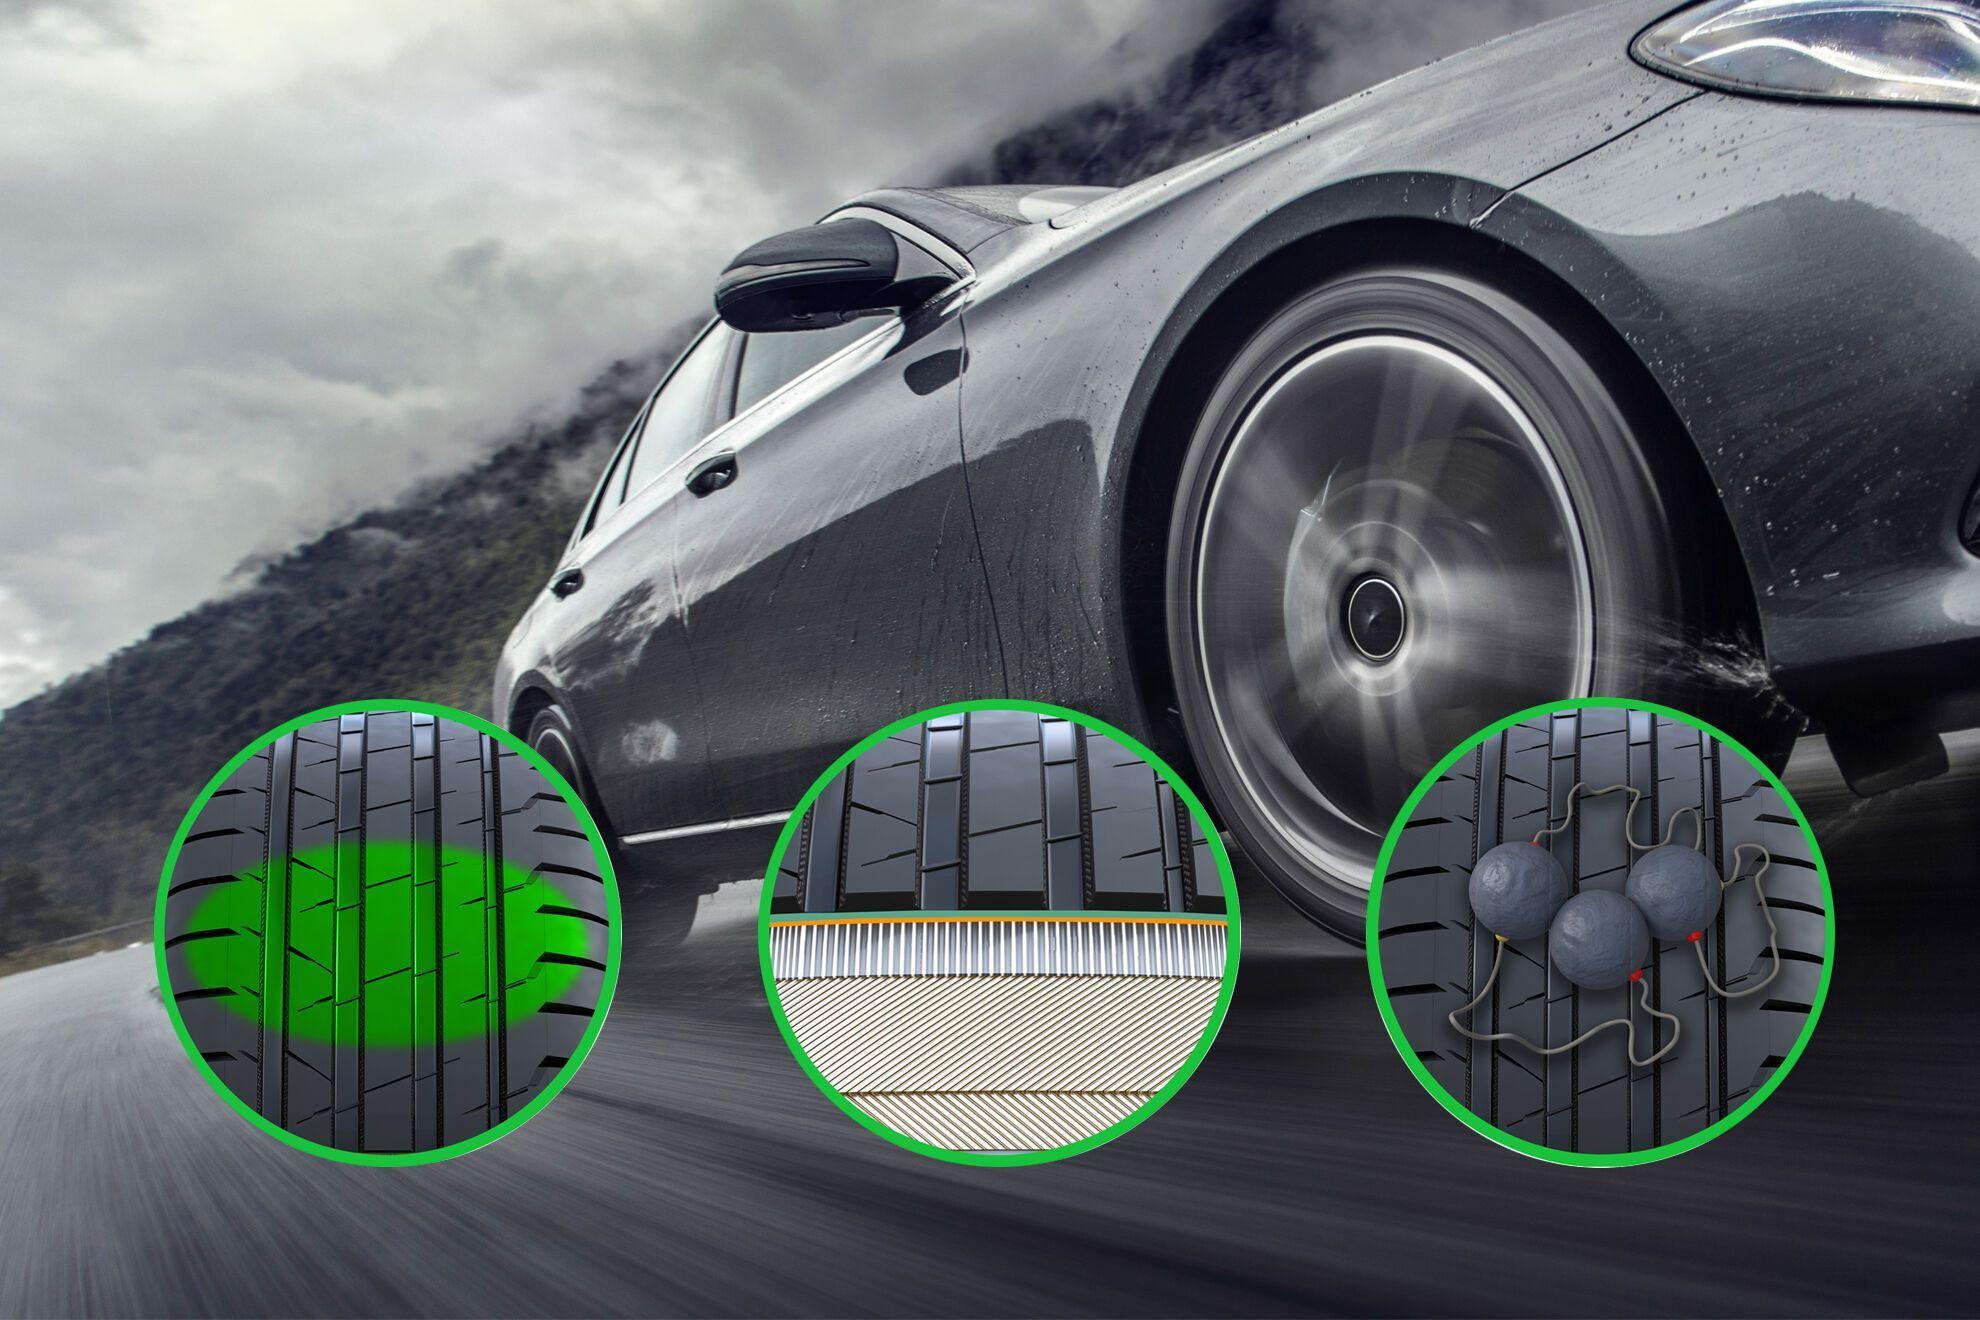 Используемая в конструкции Nokian Hakka Black 2 технология Dynamic Grip позволяет шине адаптироваться к неровностям поверхности и быстро реагировать на маневры